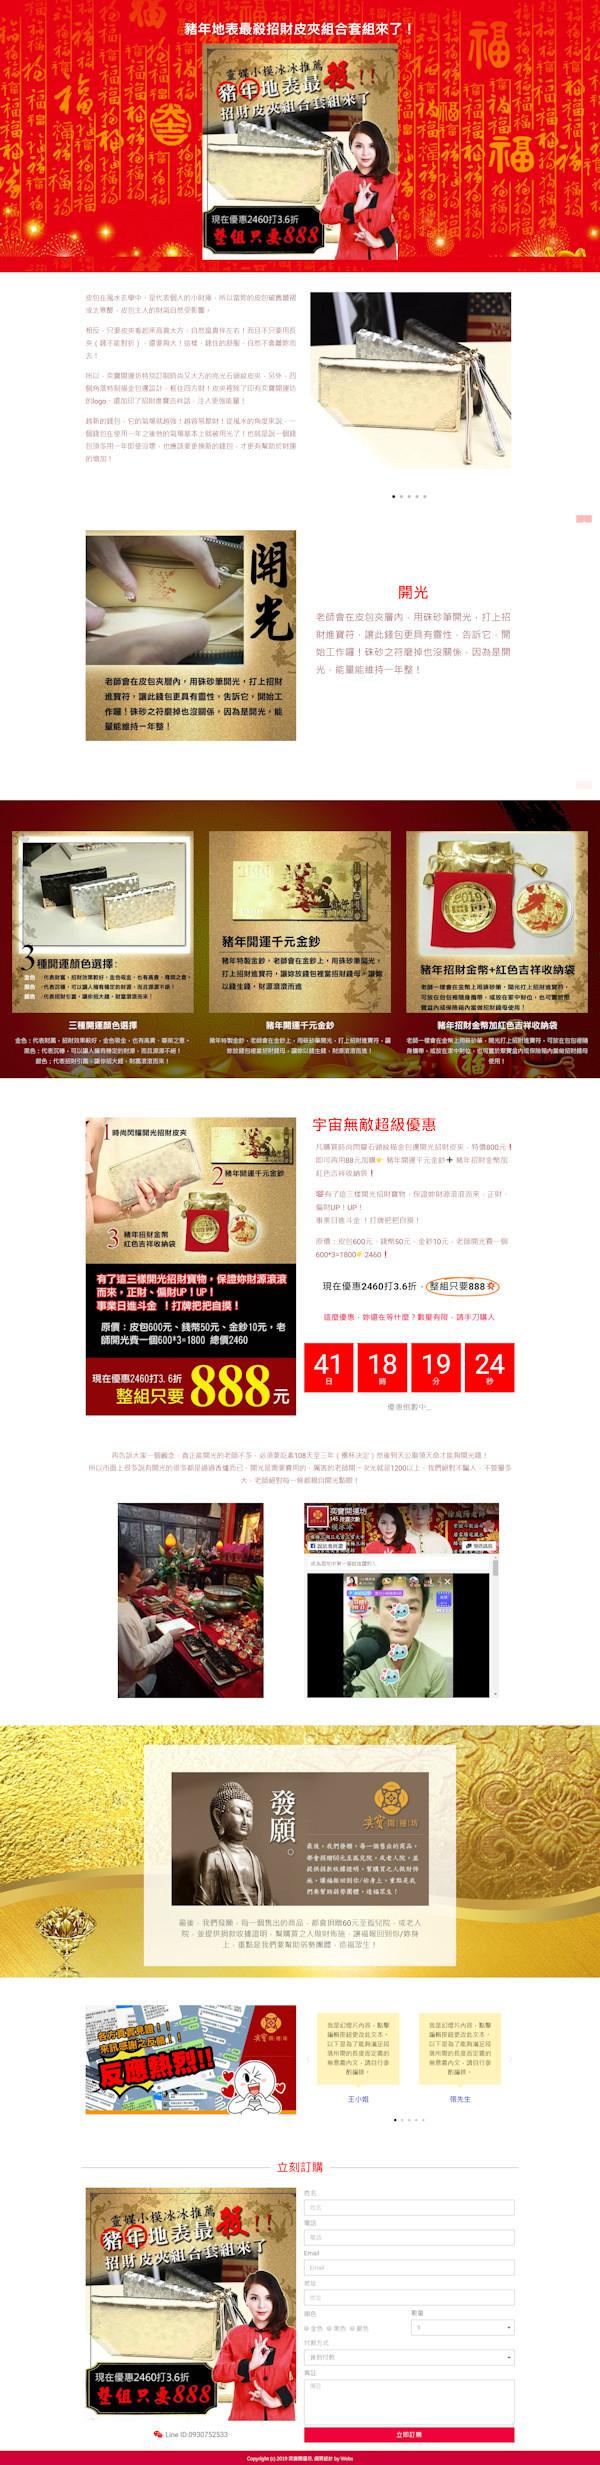 網頁設計-招財皮夾組2